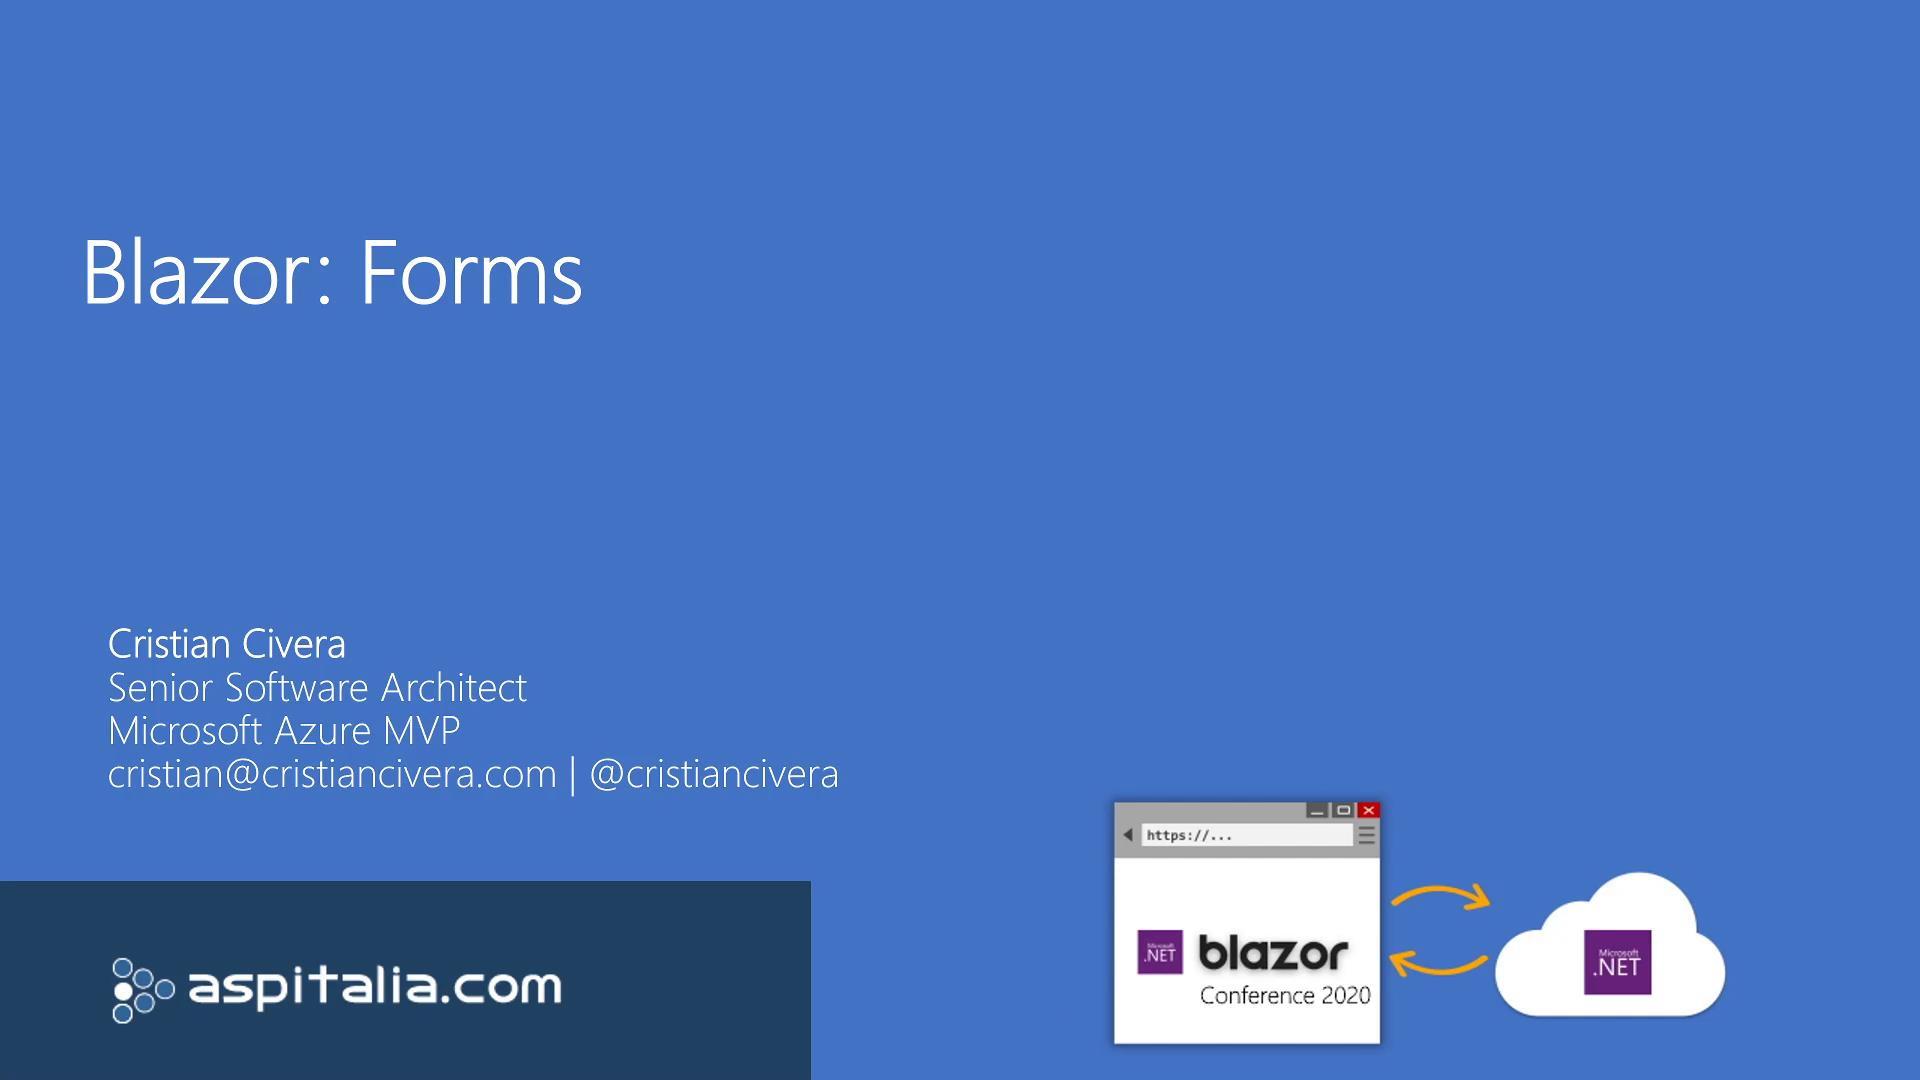 #blazor: Forms https://aspit.co/b0k di @CristianCivera #vs